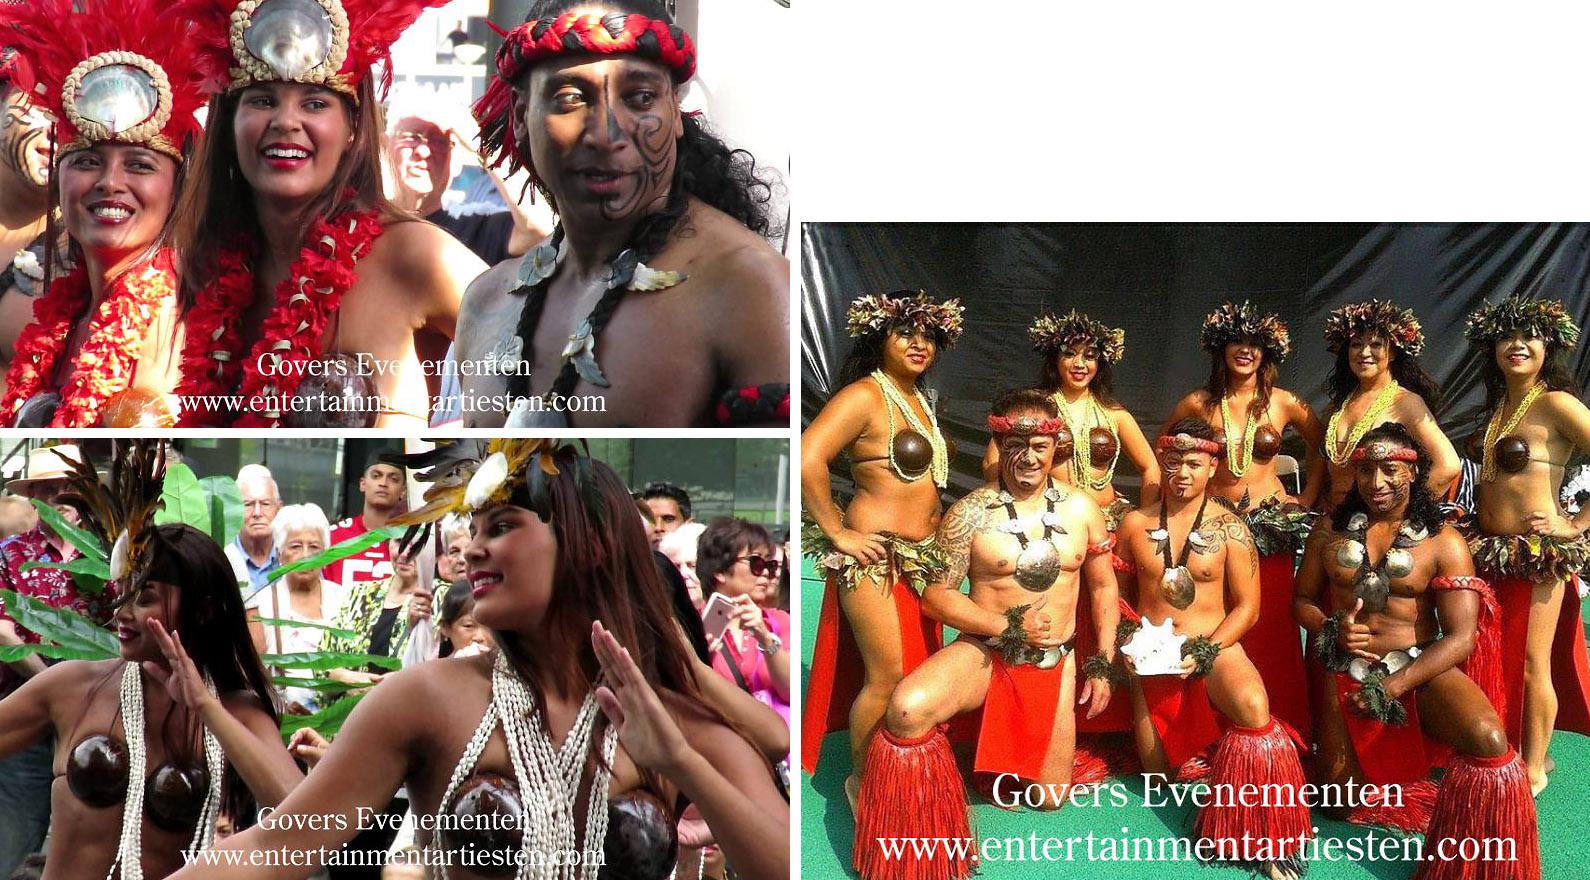 Hawaiians, Hawai dansgroep, muziek, artiesten boeken, Polinesische muziek en dans, Govers Evenementen, www.goversartiesten.nl